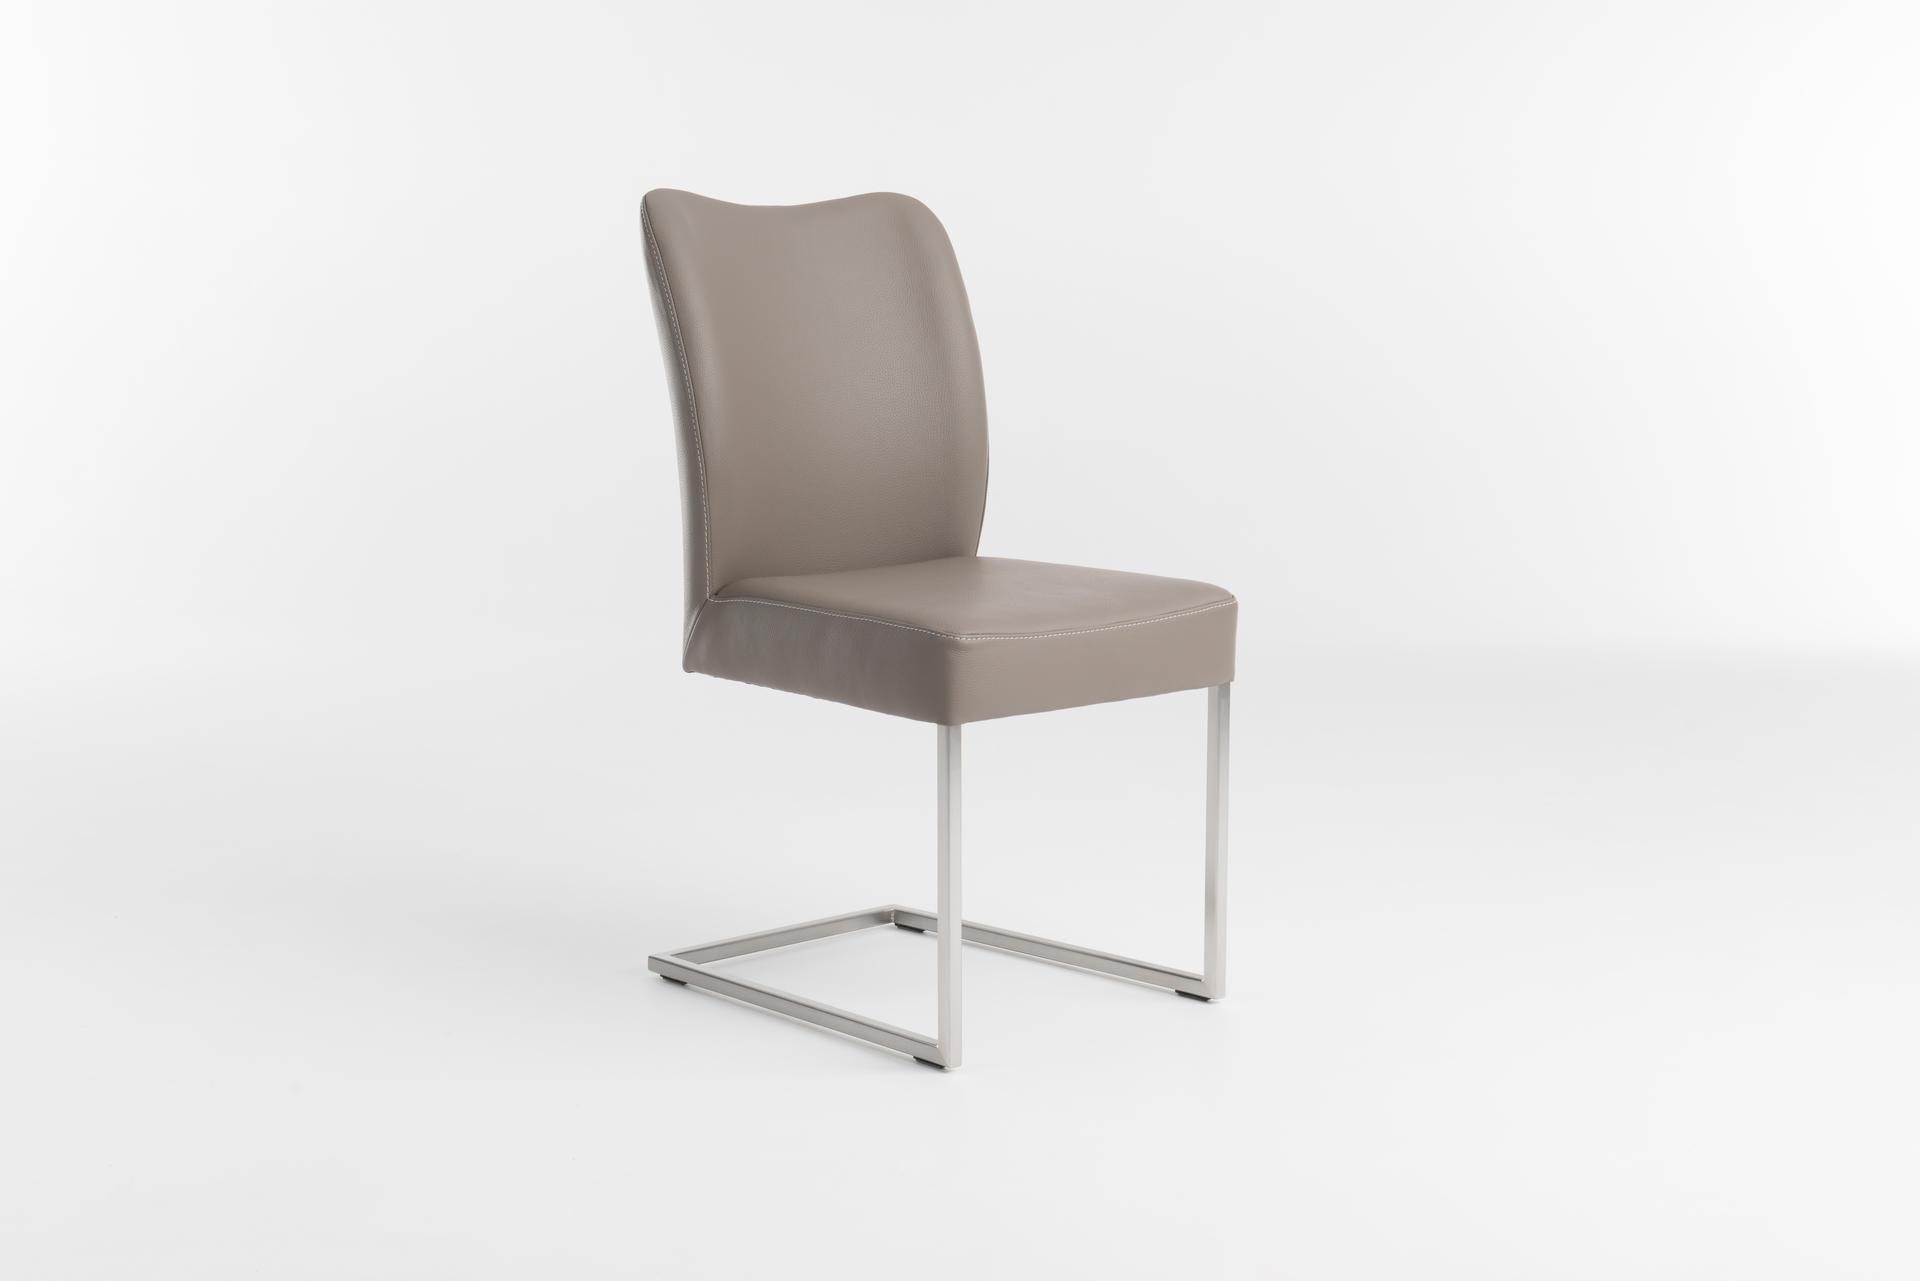 стул Duo, Bert Plantagie, фото 2